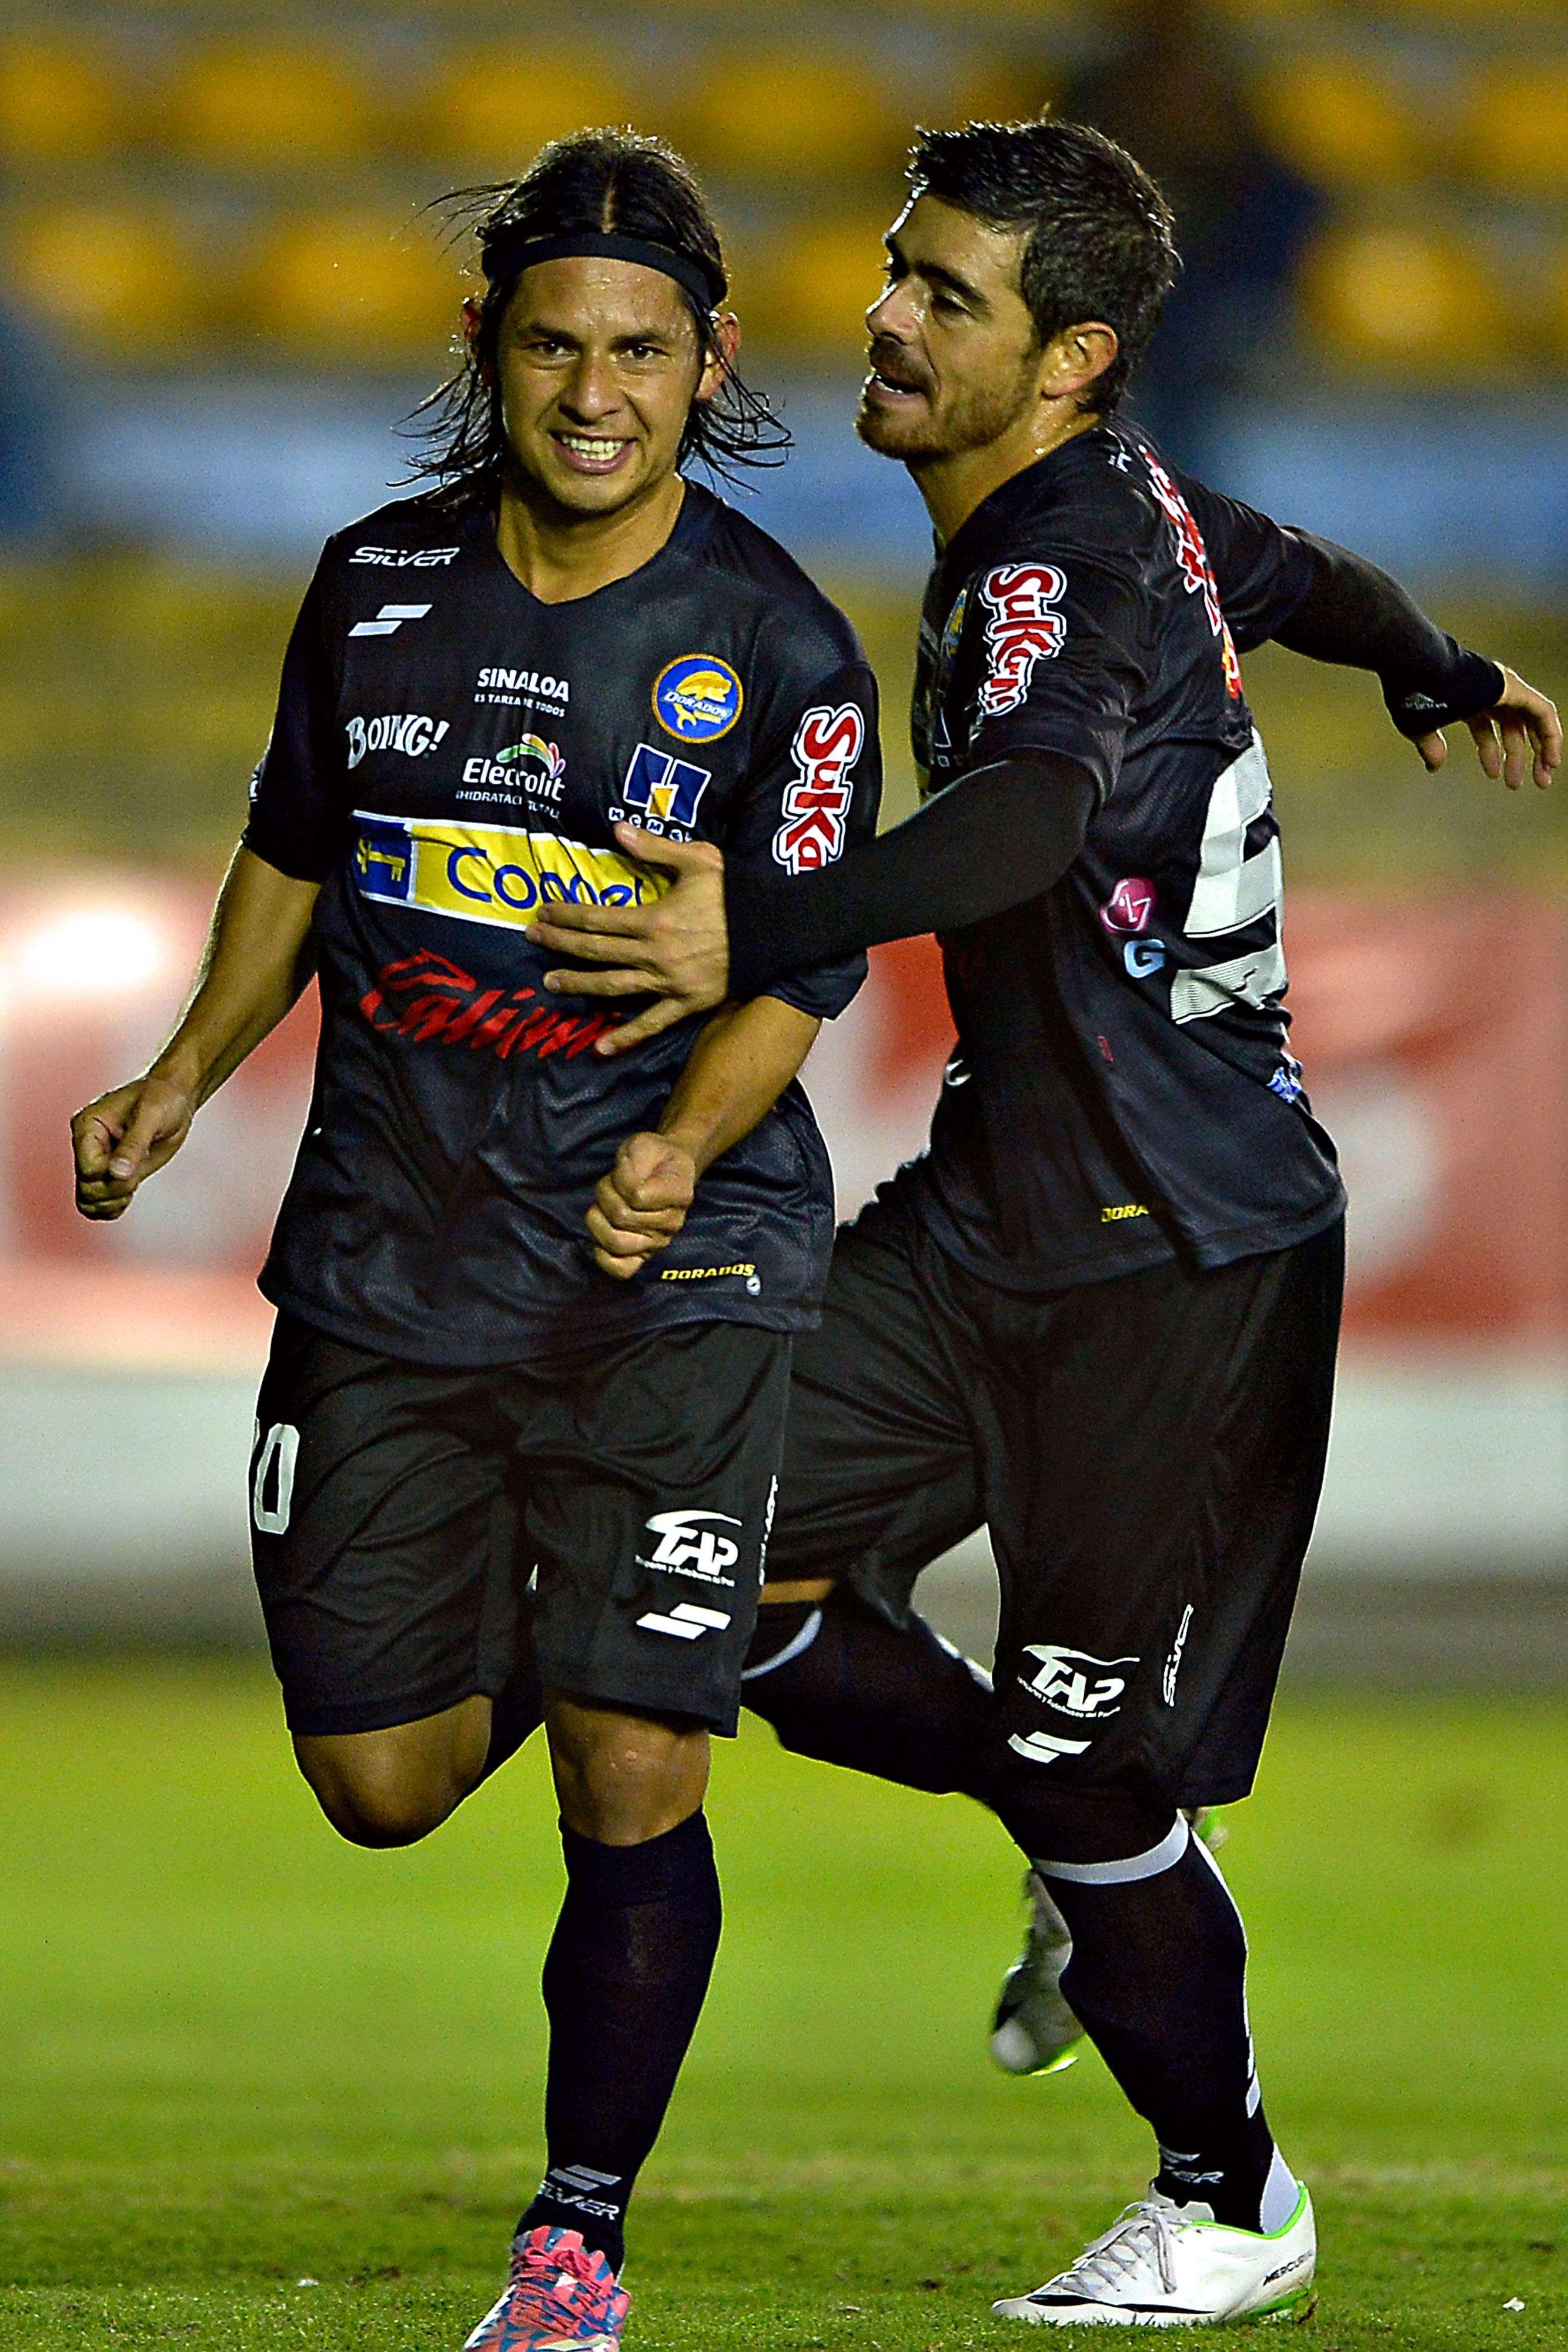 Jesús Gómez anotó su gol. Foto: Mexsport